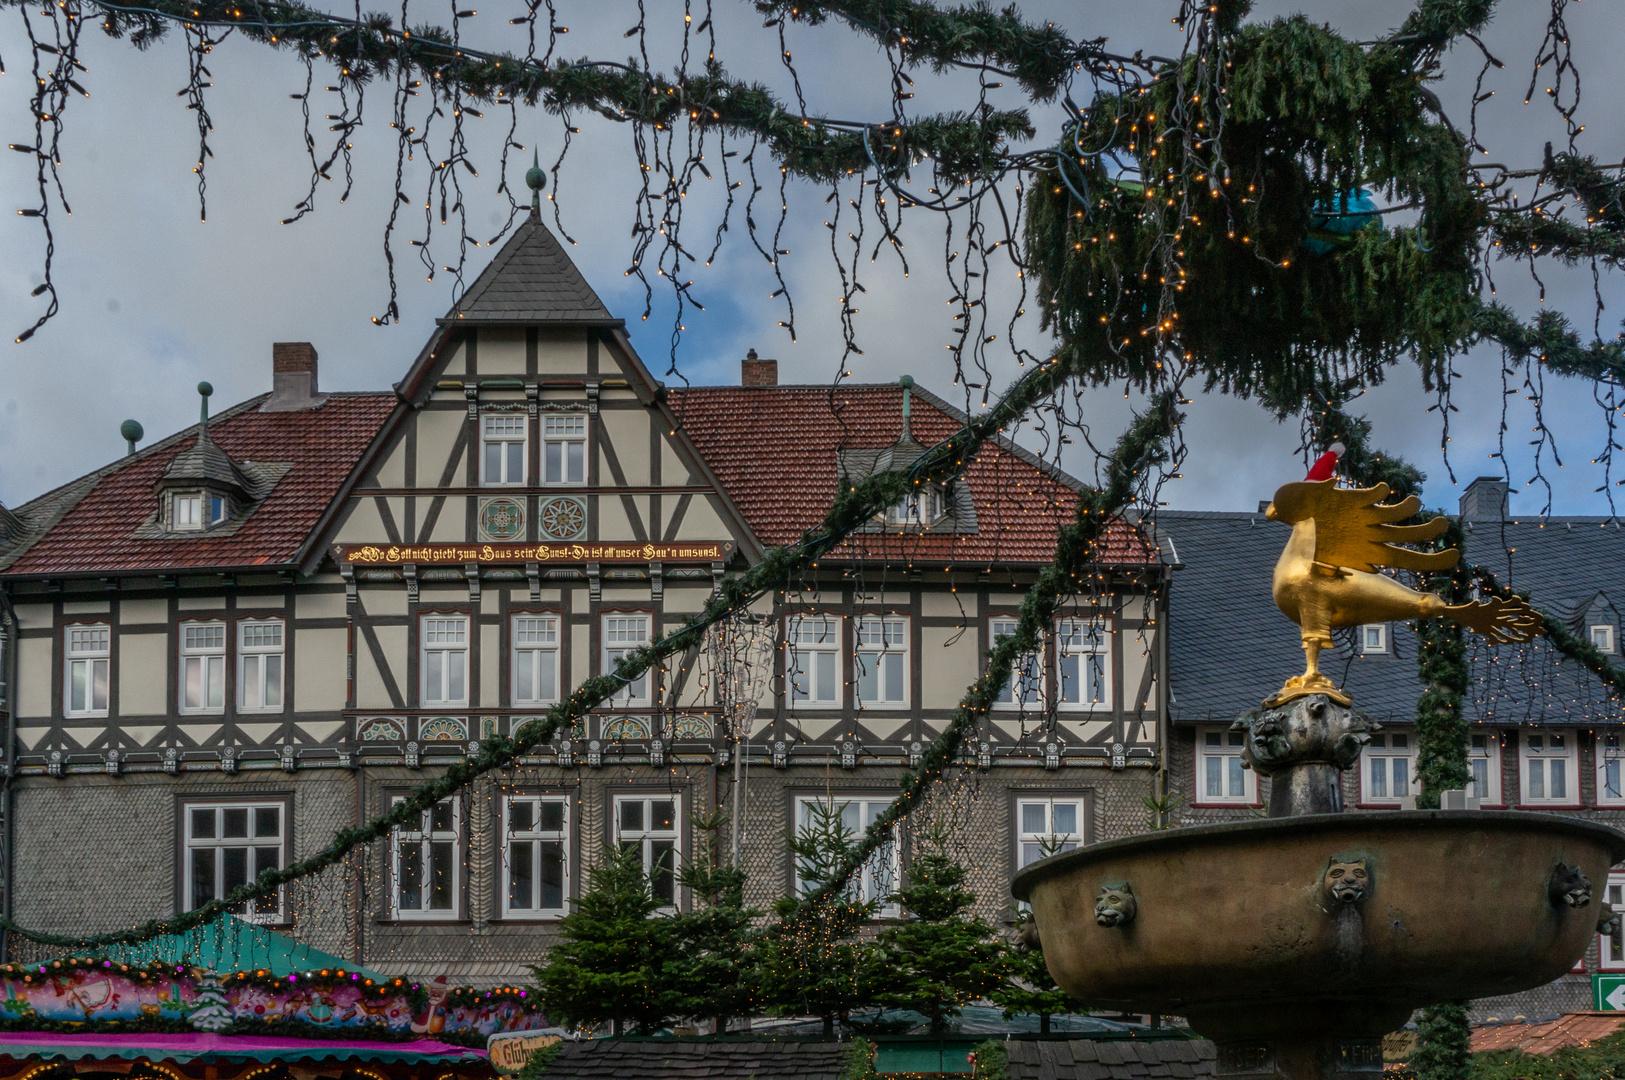 Weihnachtsmarkt I.Weihnachtsmarkt I Goslar Harz Foto Bild Weihnachtsmarkt